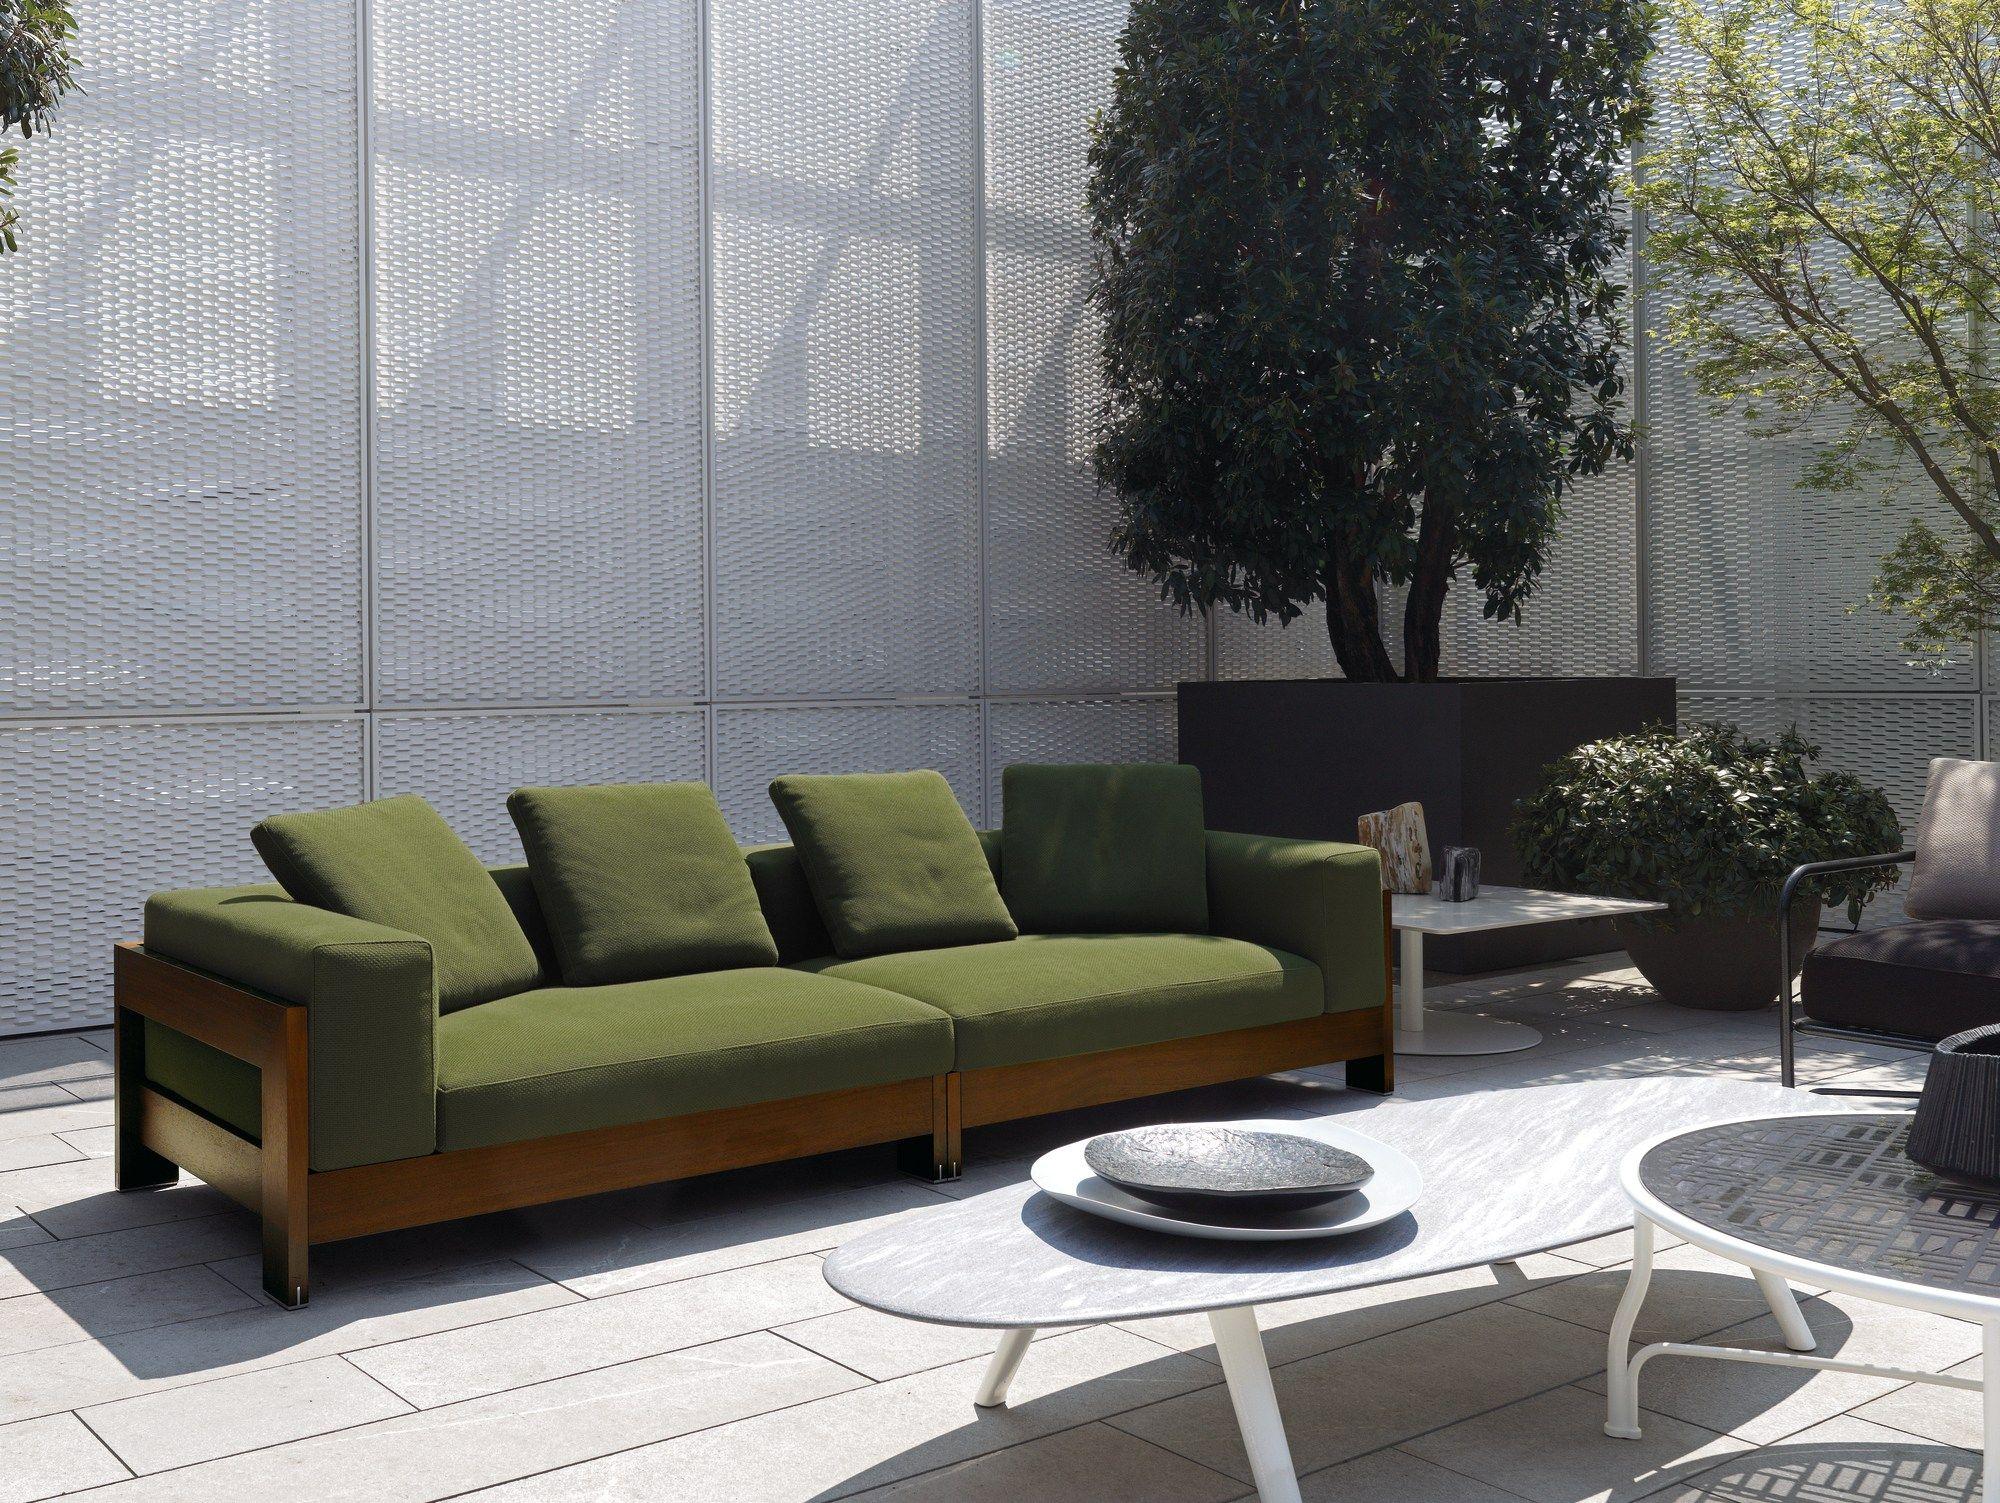 minotti outdoor furniture. ALISON IROKO OUTDOOR By Minotti Design Roberto Outdoor Furniture